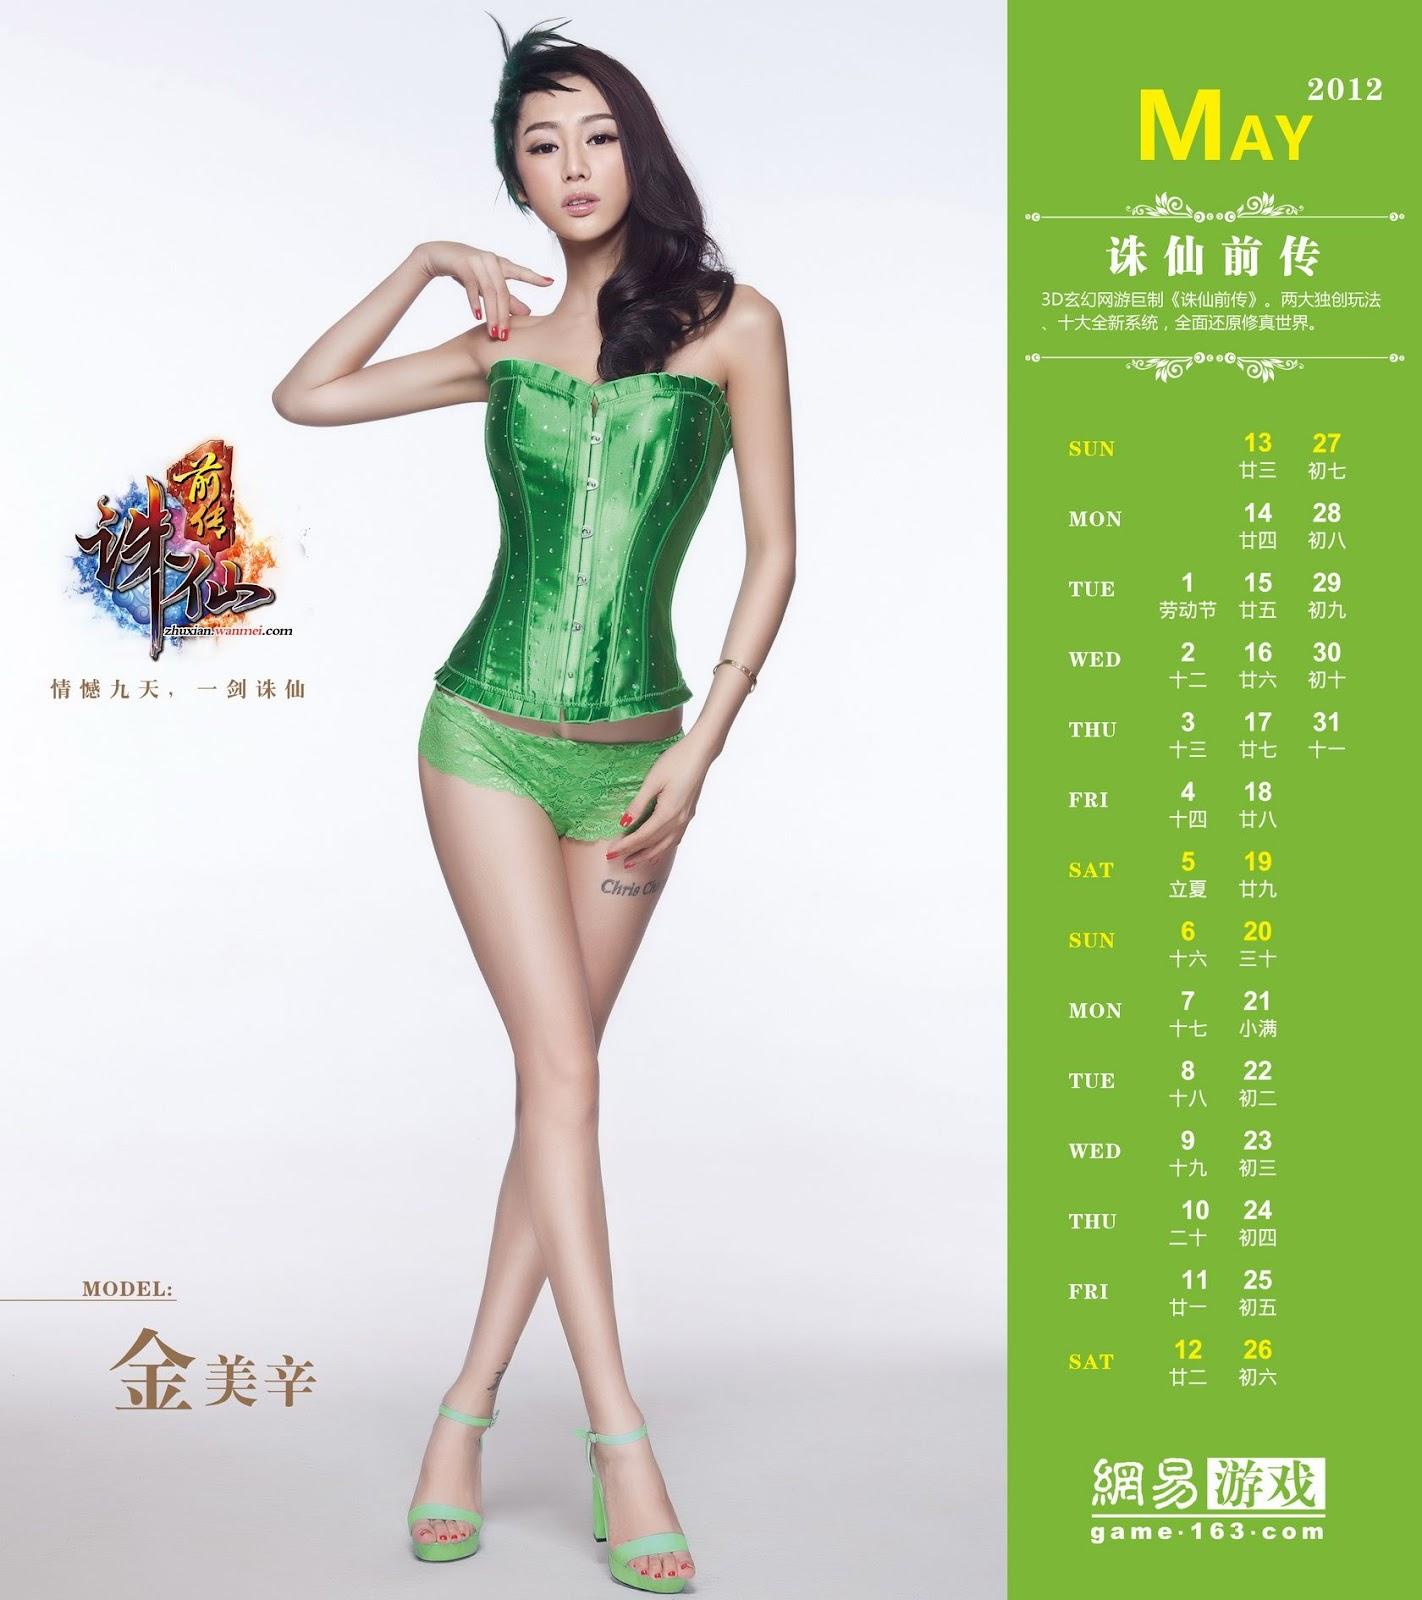 http://3.bp.blogspot.com/-O5rJflp45bc/T7vcCIydRUI/AAAAAAAAJEg/NgXQWB9VEv4/s1600/05_Chinese_Girls_Calendar_2012_1.jpg